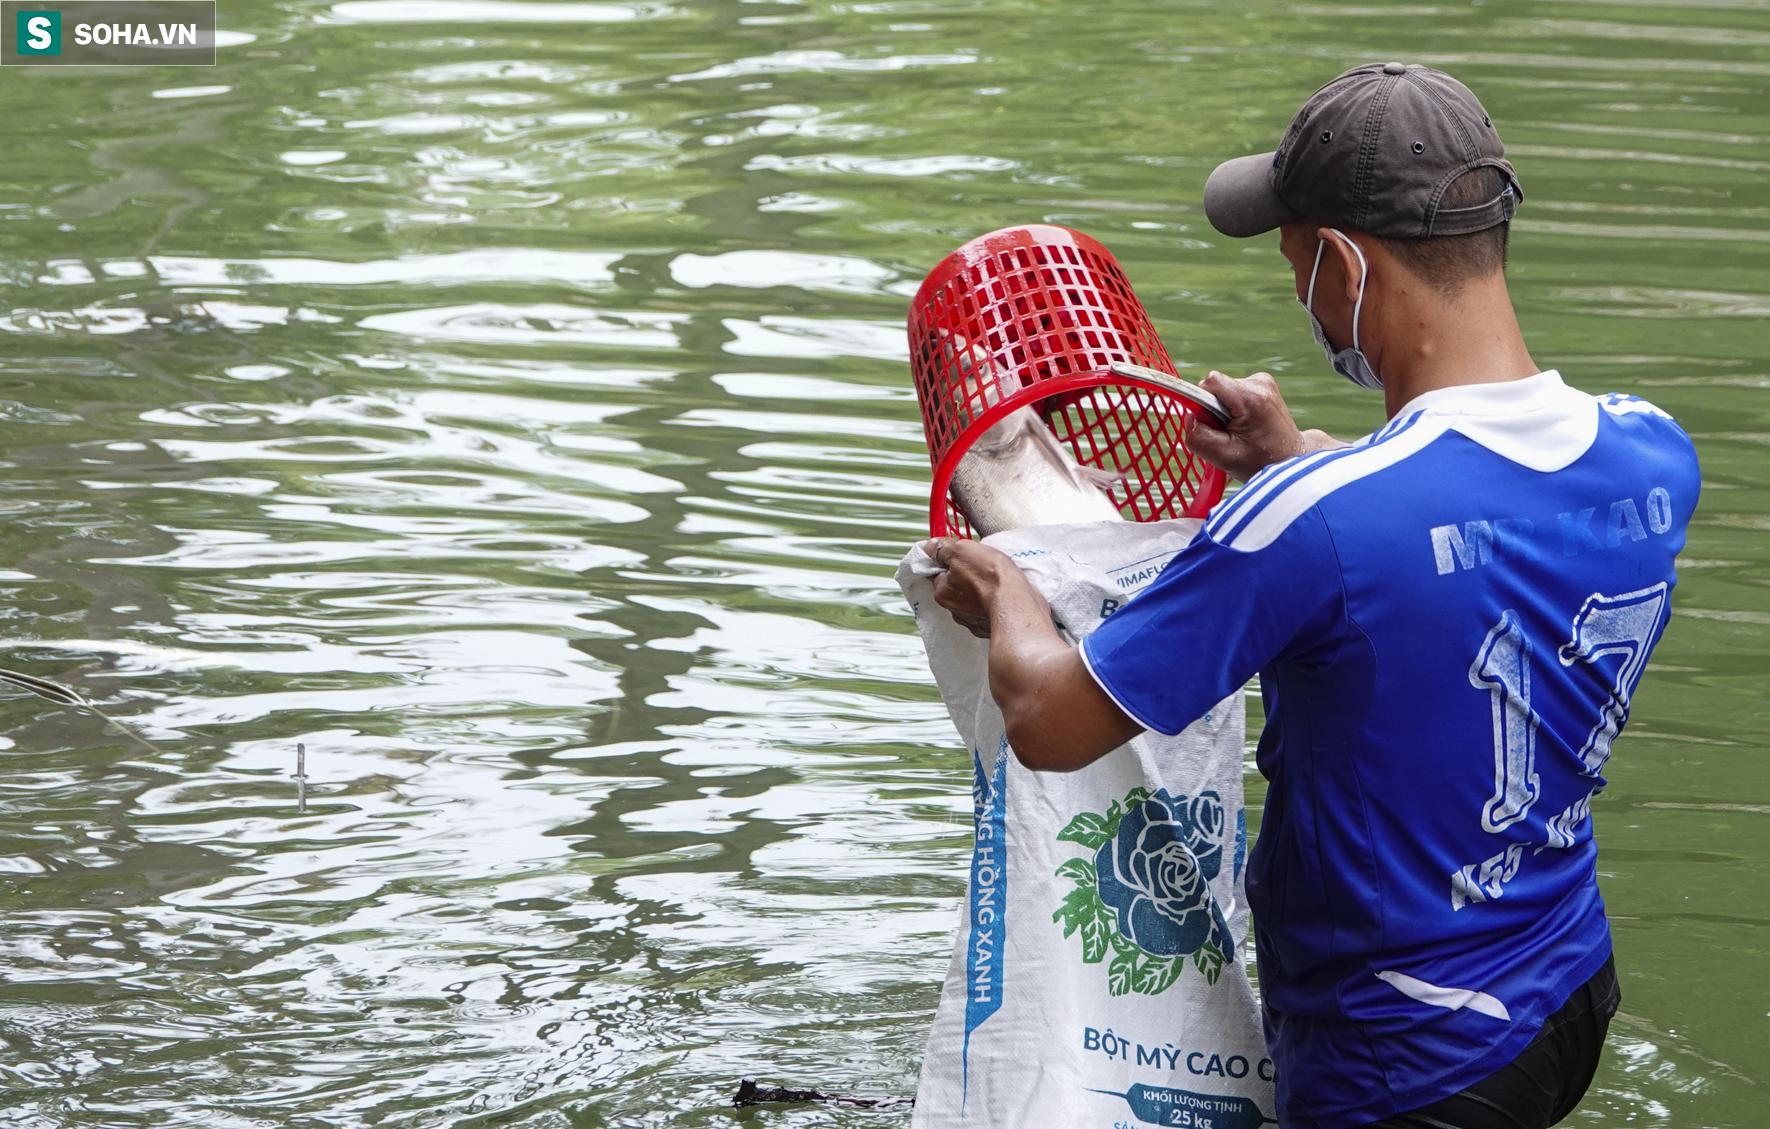 Nước sông Tô Lịch bỗng chuyển màu xanh ngắt hiếm thấy, người dân hân hoan bắt hàng tạ cá - Ảnh 9.